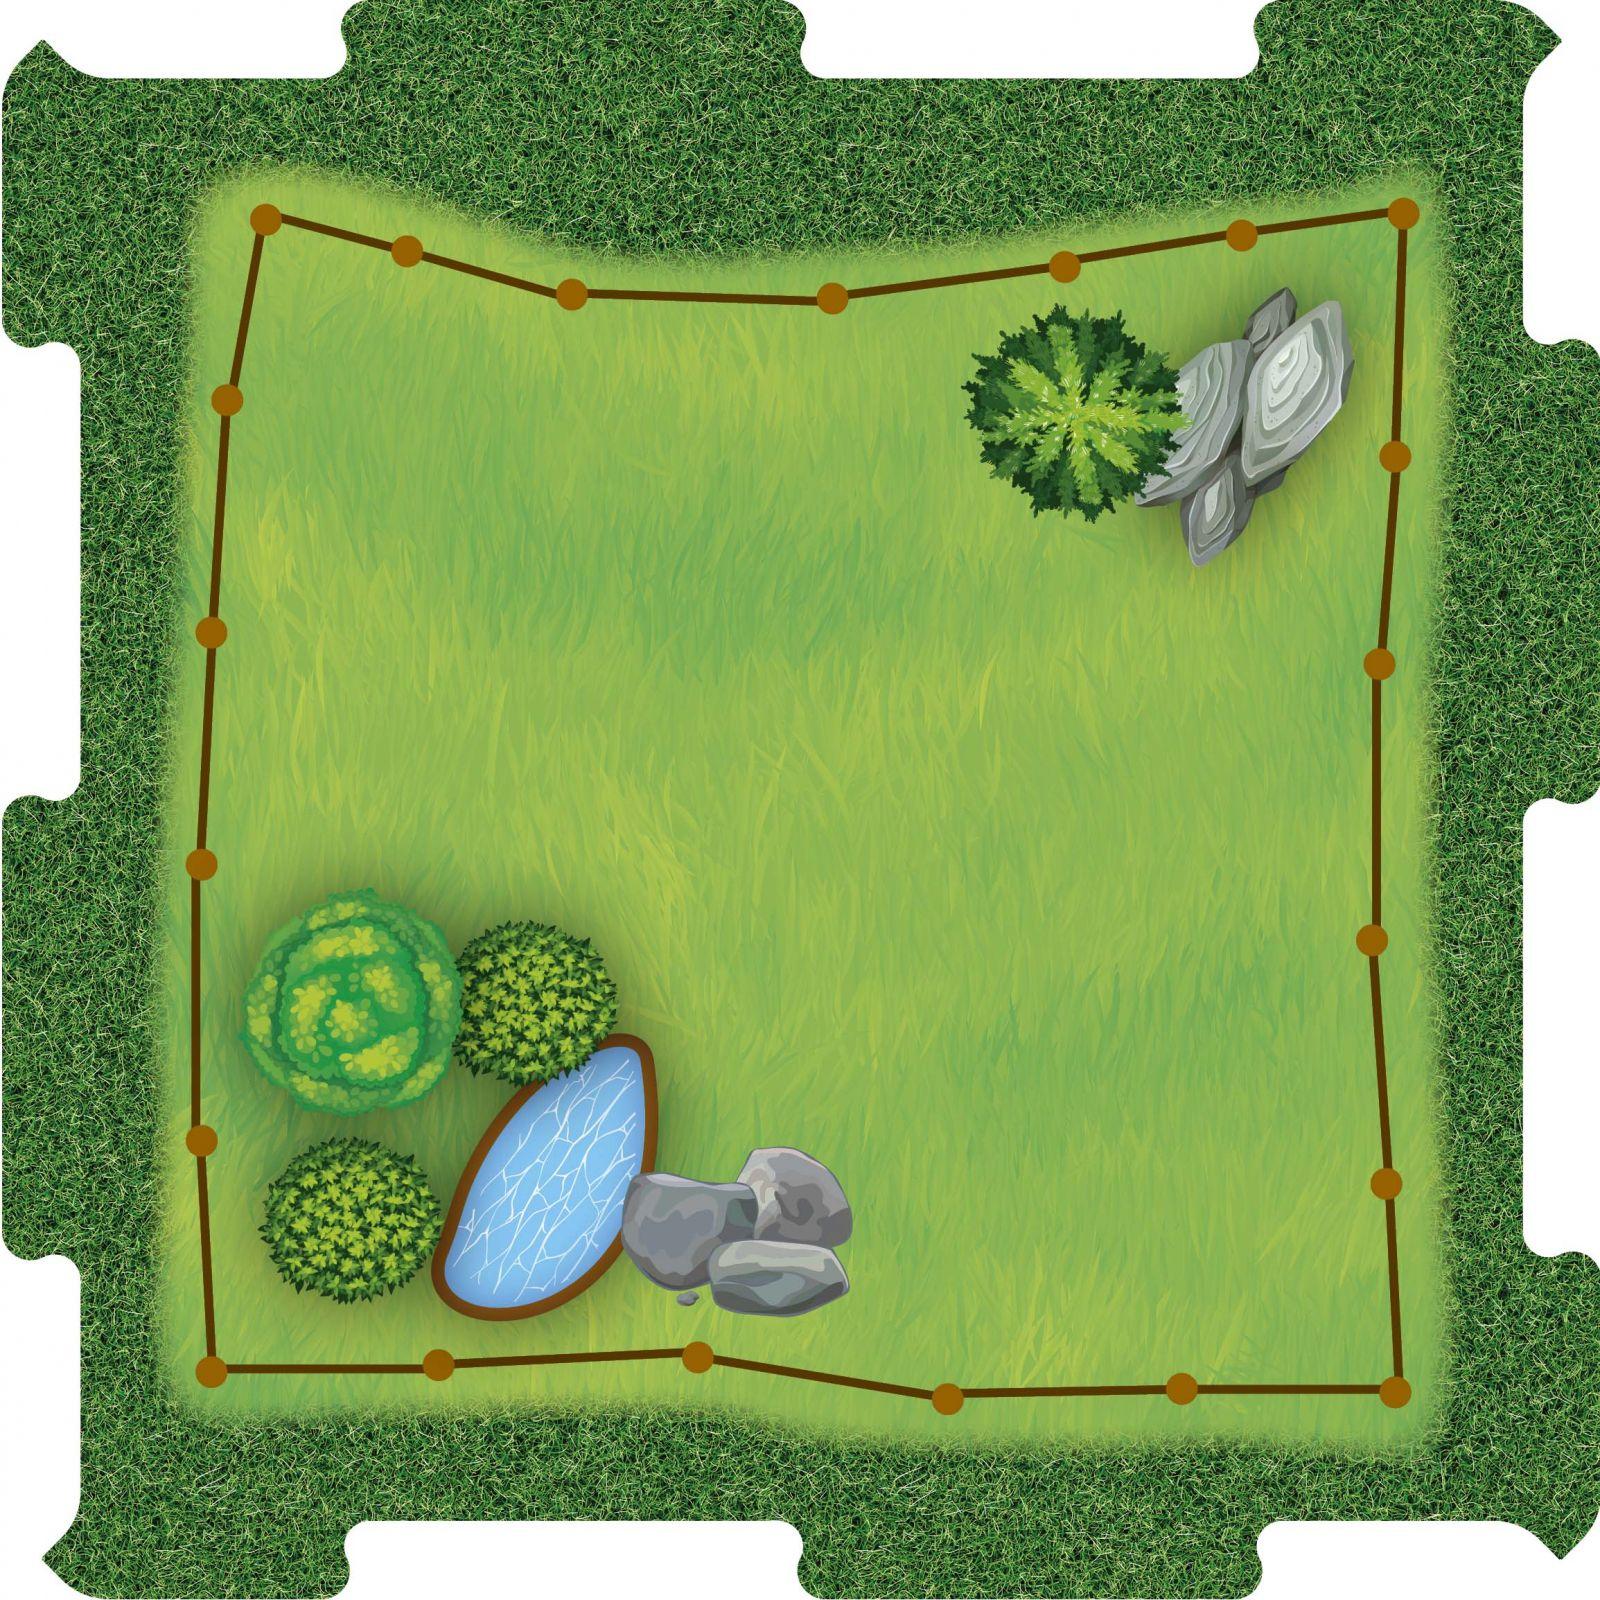 Podlahové puzzle Zoo výběh travnatý